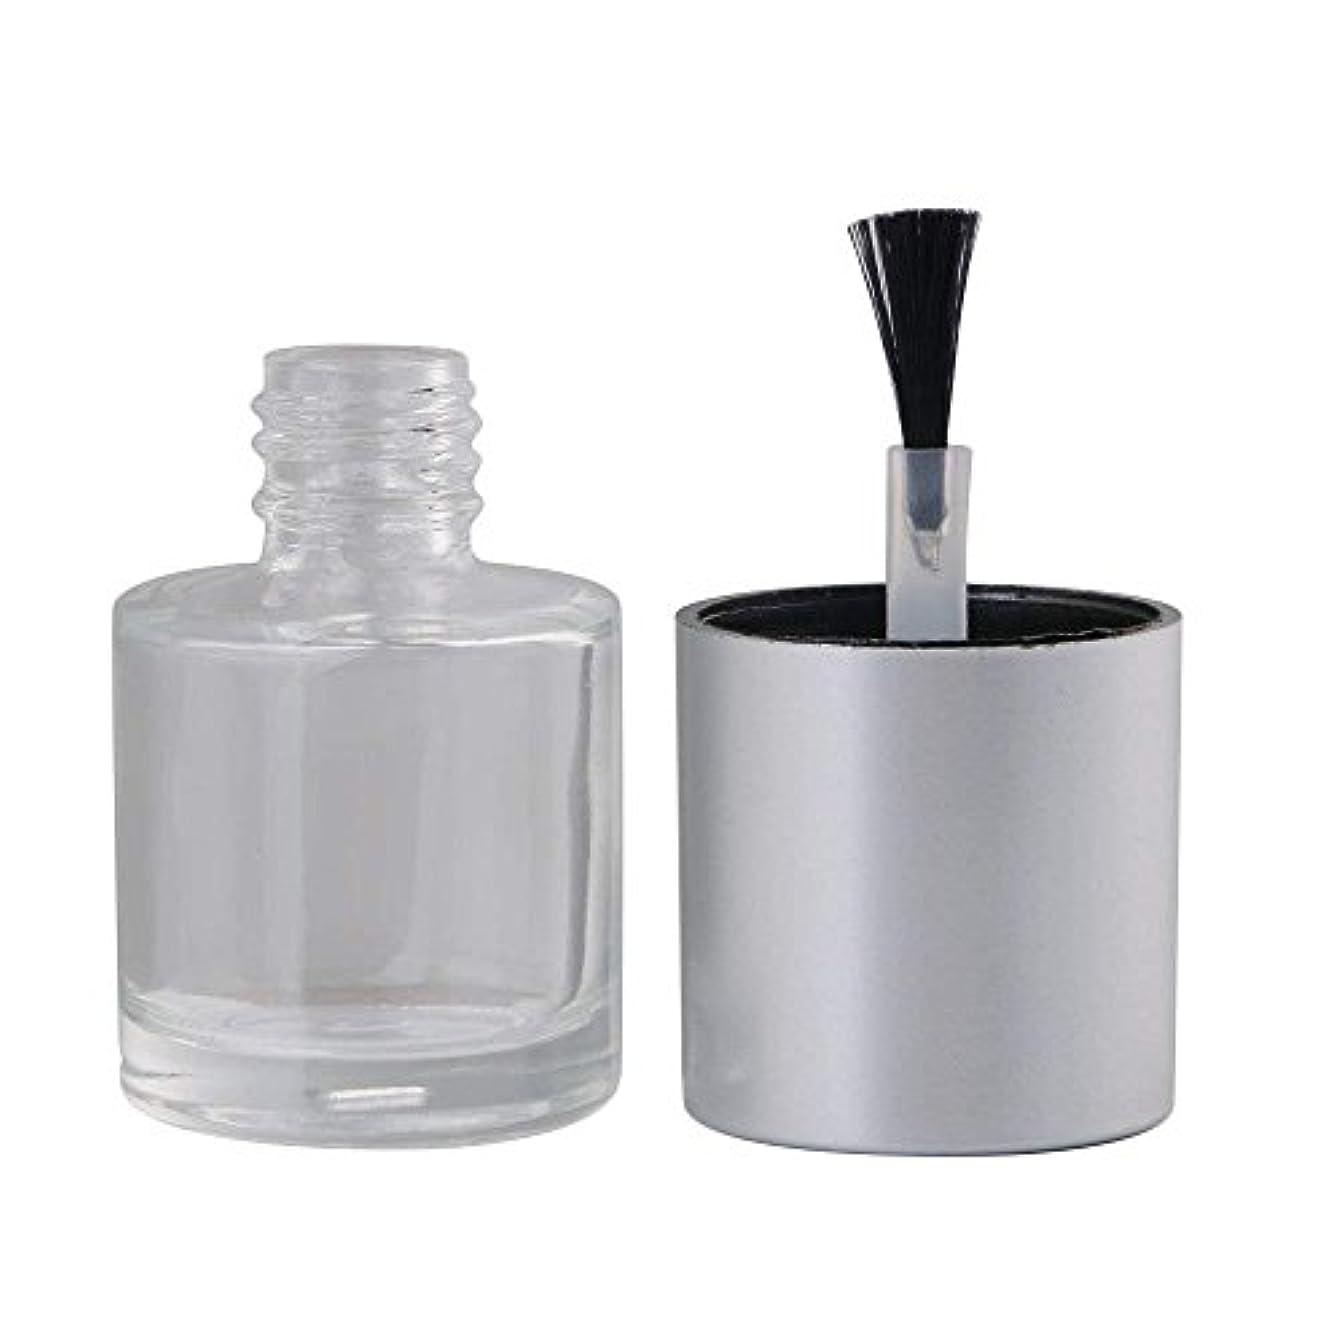 ベジタリアン花嫁明らかにDiystyle 10個入 マニキュアボトル 空ボトル 10ml 小分けボトル 詰め替え 化粧品収納 旅行用品 ガラス グレー